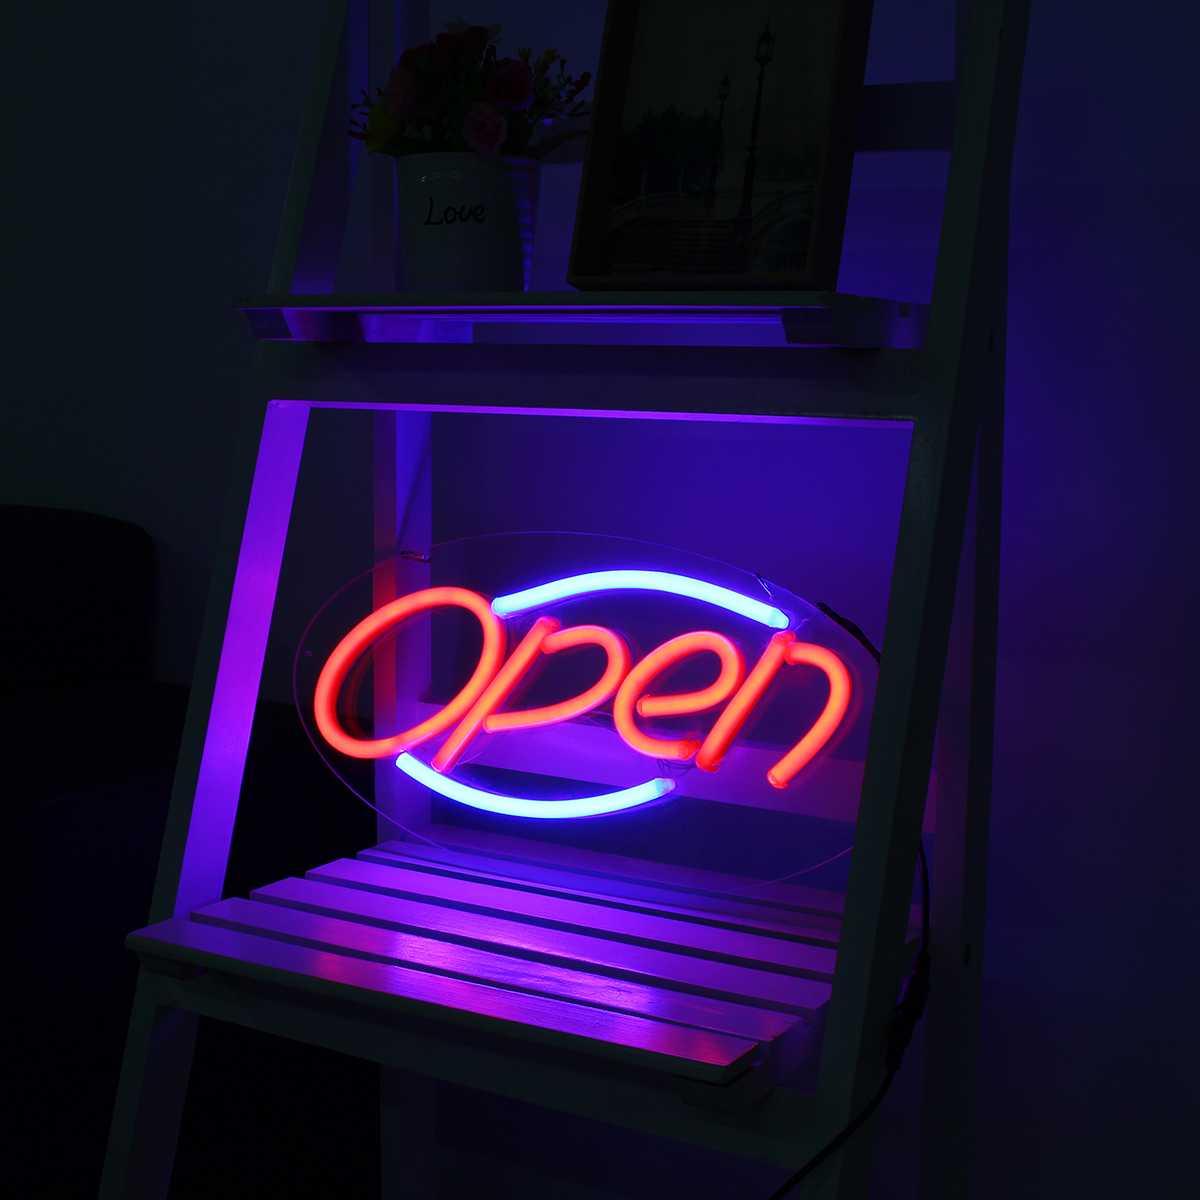 Néon enseigne lumière Bar ouvert Pub Club Studio mur affichage LED Tube nuit lampe néon Tubes conseil décoration visuelle œuvre éclairage - 3